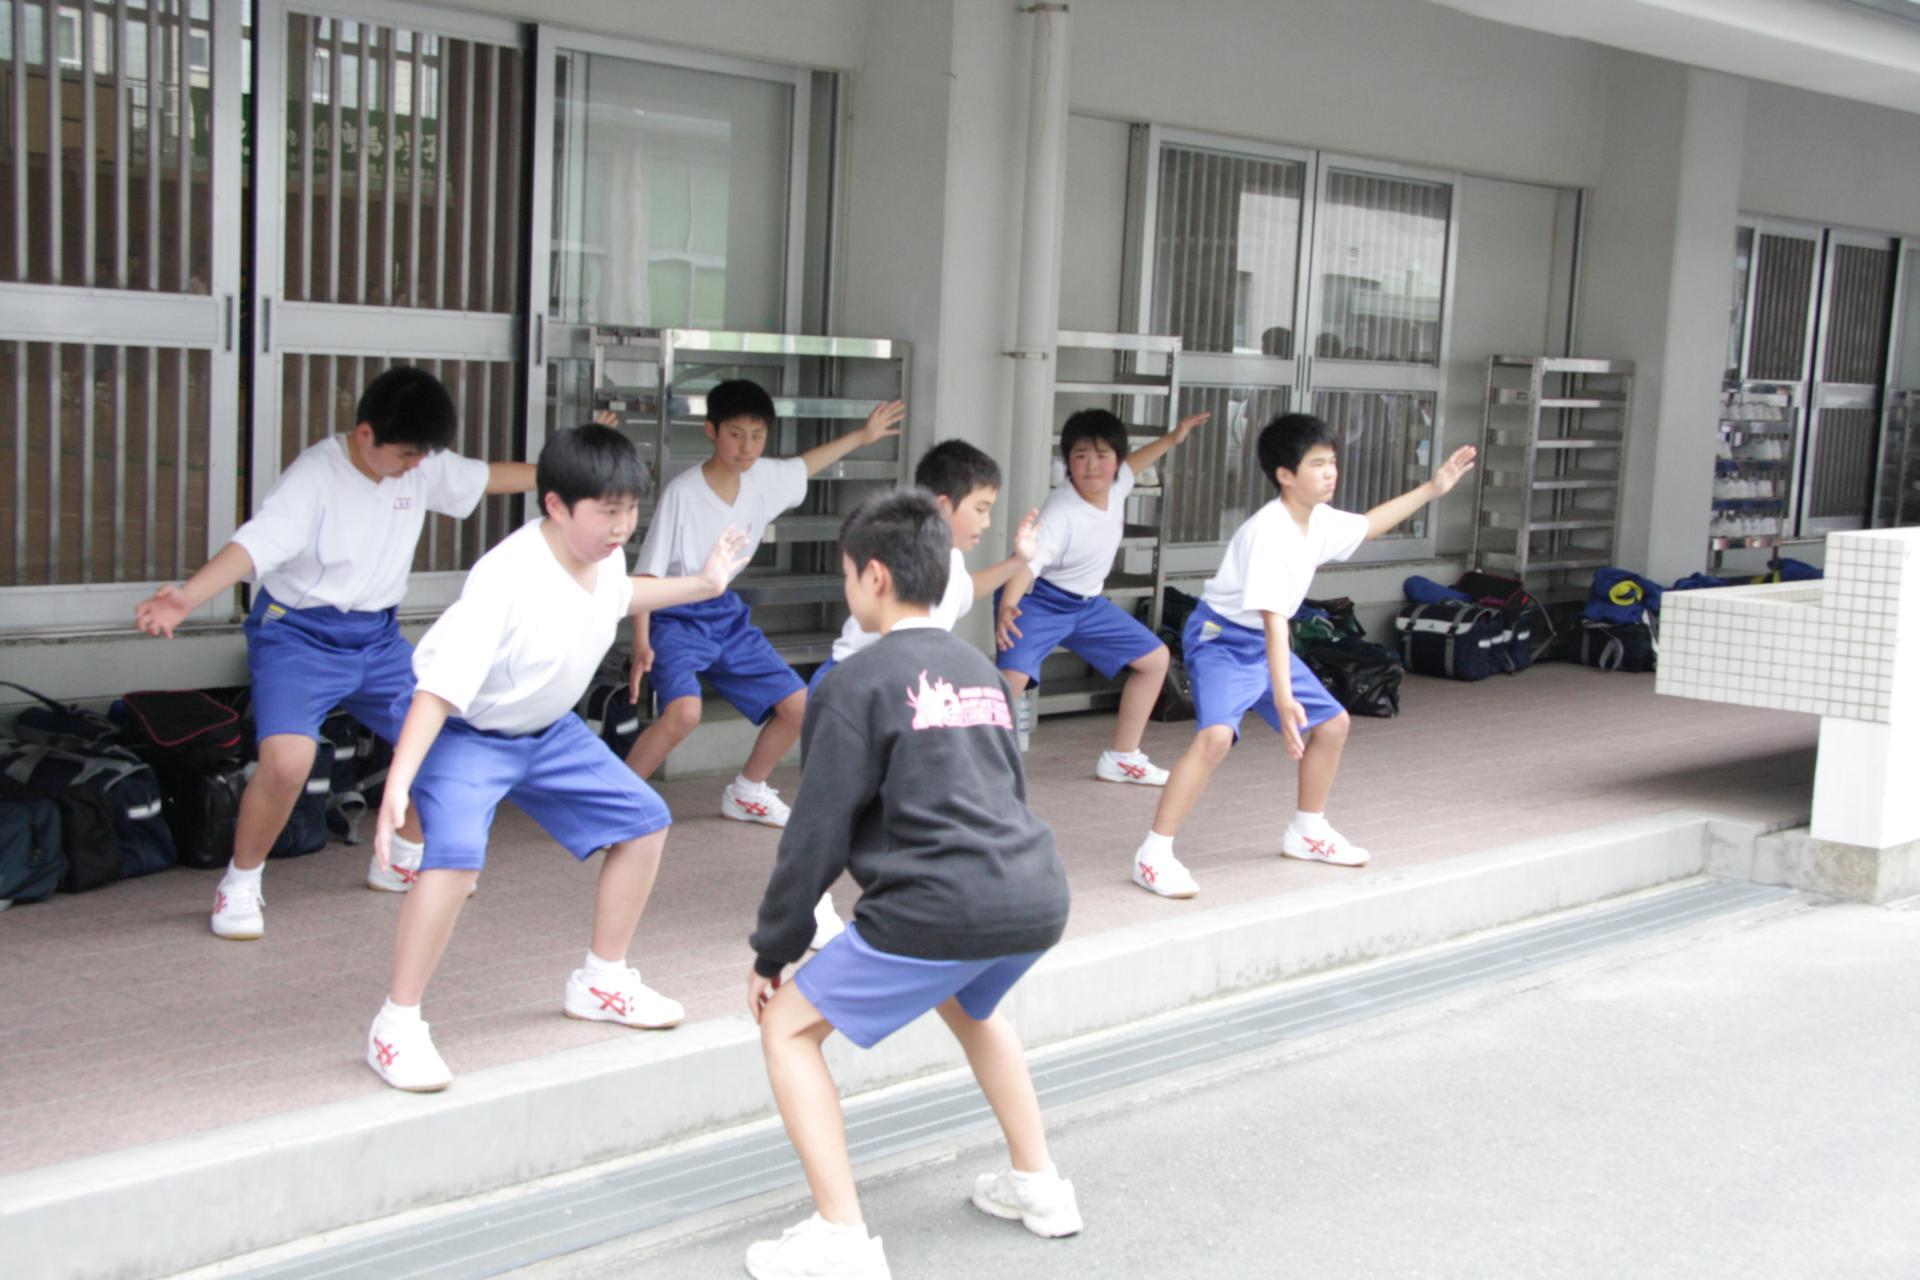 仮入部期間中! - こんにちは!浜松市立曳馬中学校のブログです♪